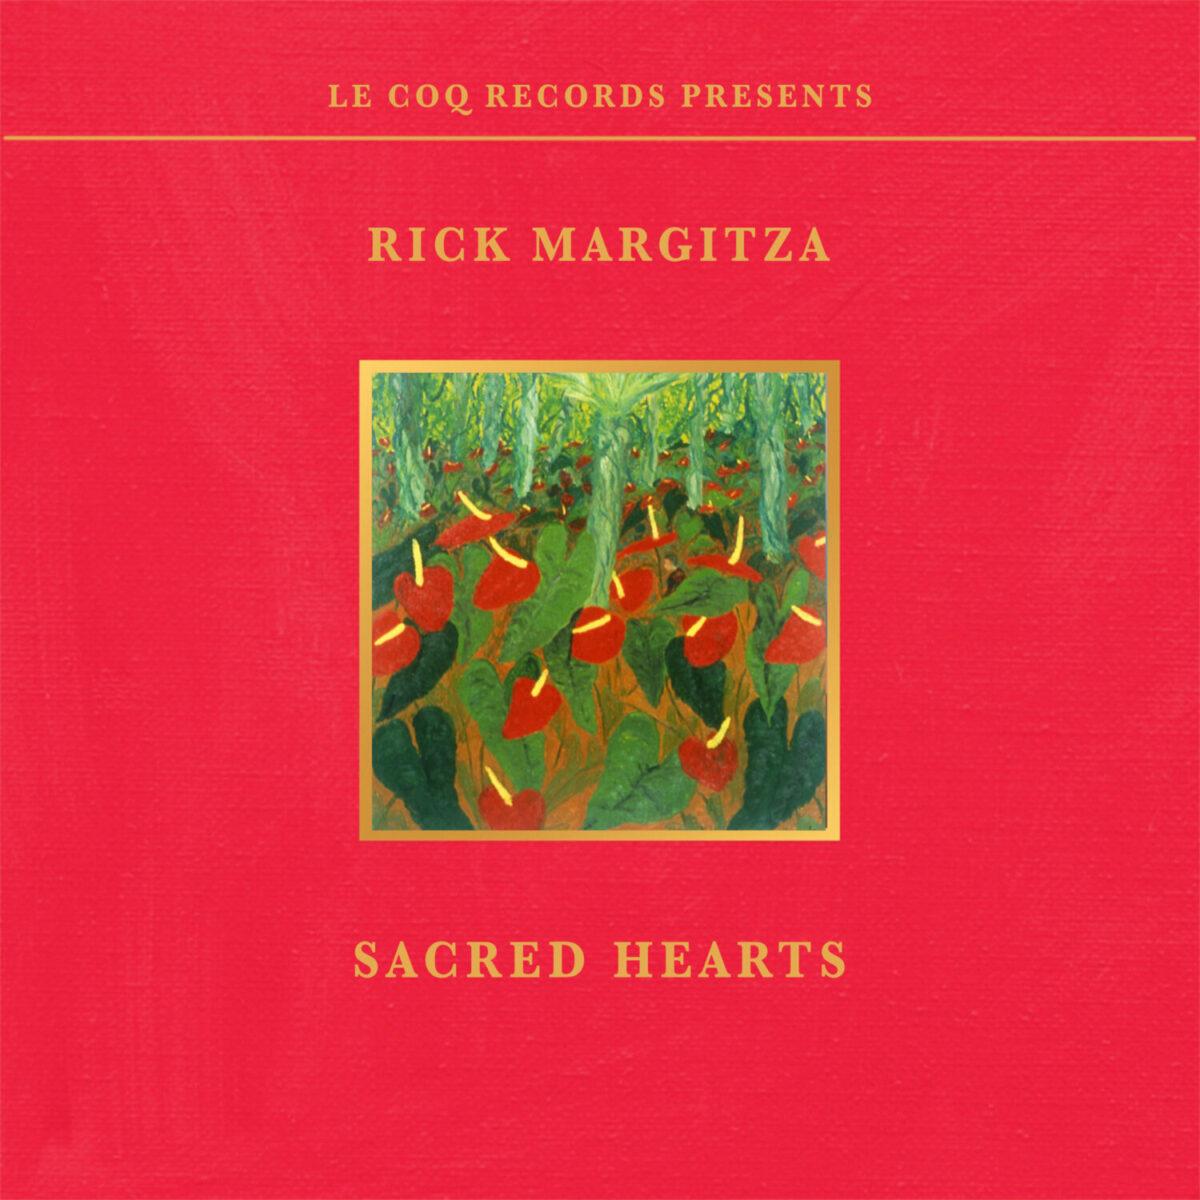 Rick Margitza Album Cover